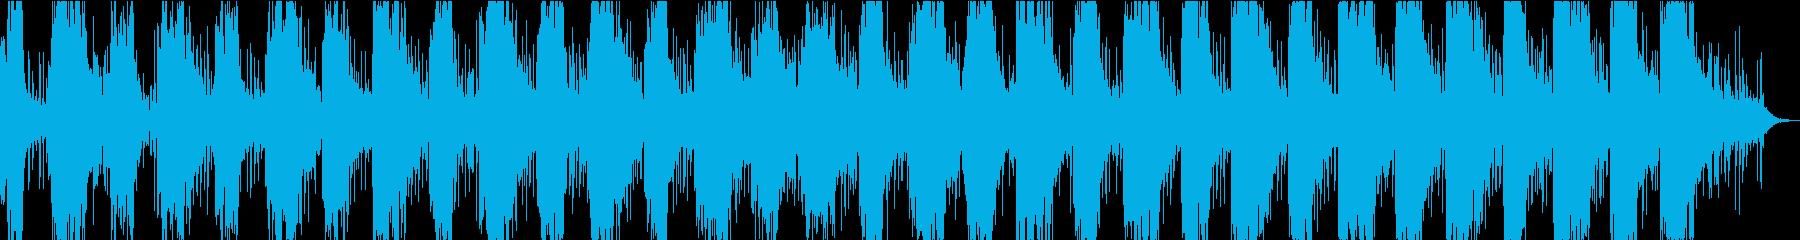 柔らかく泡のあるシンセラインを使用...の再生済みの波形